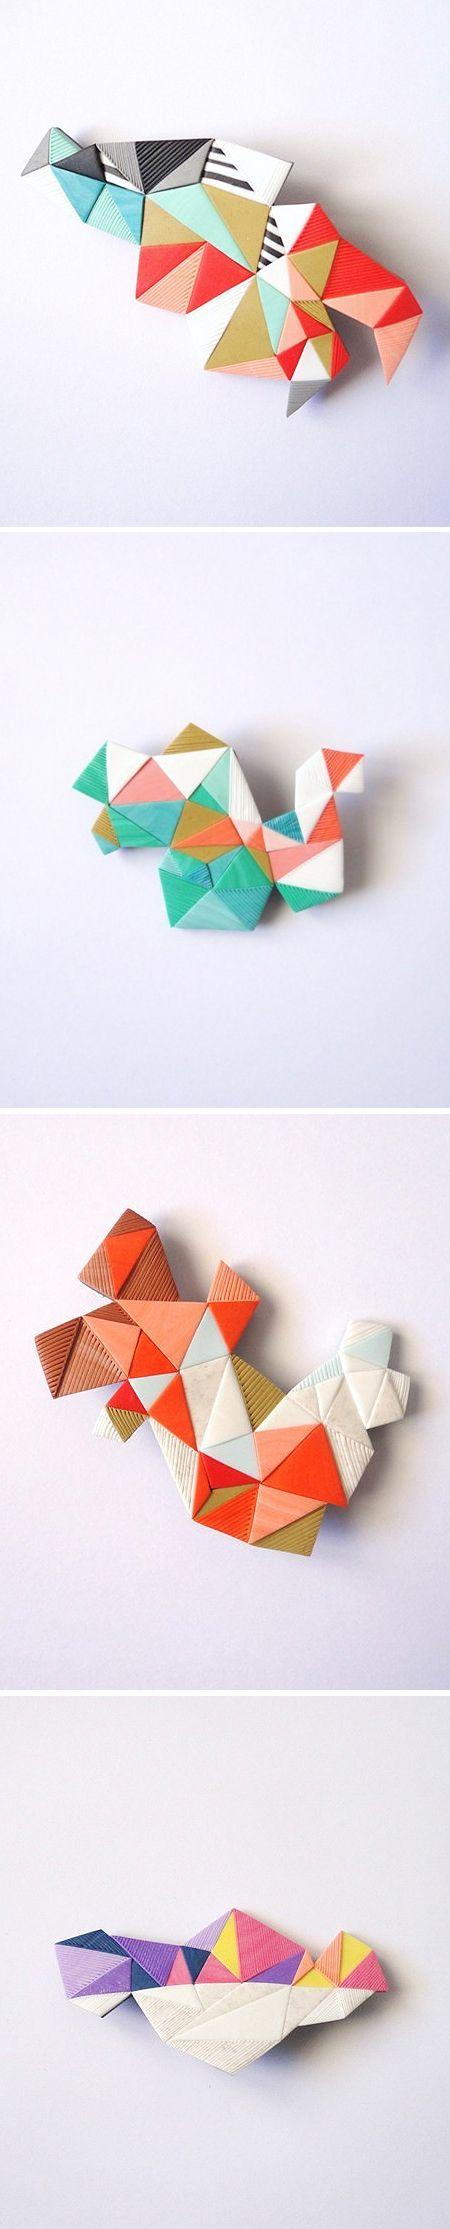 Brooches #art #geo #geometric